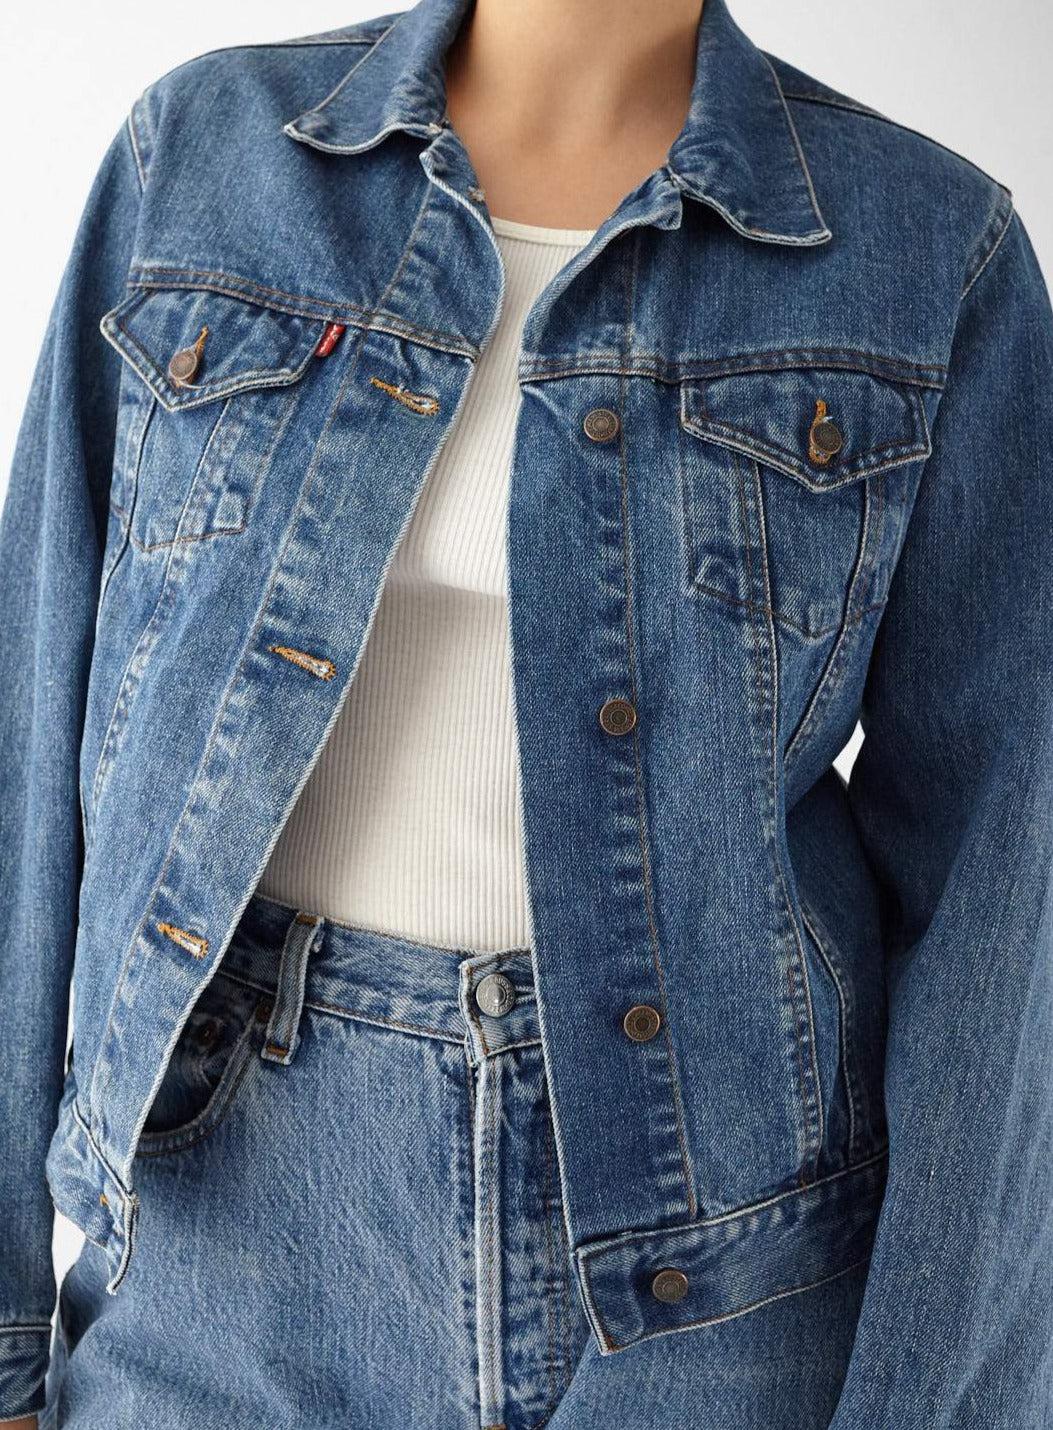 Levi's 501 Jacket